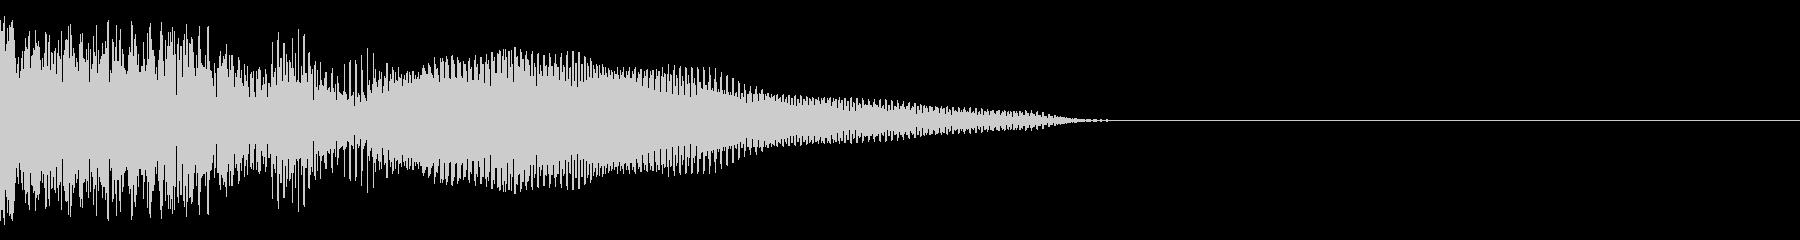 テロップ、予告系の未再生の波形